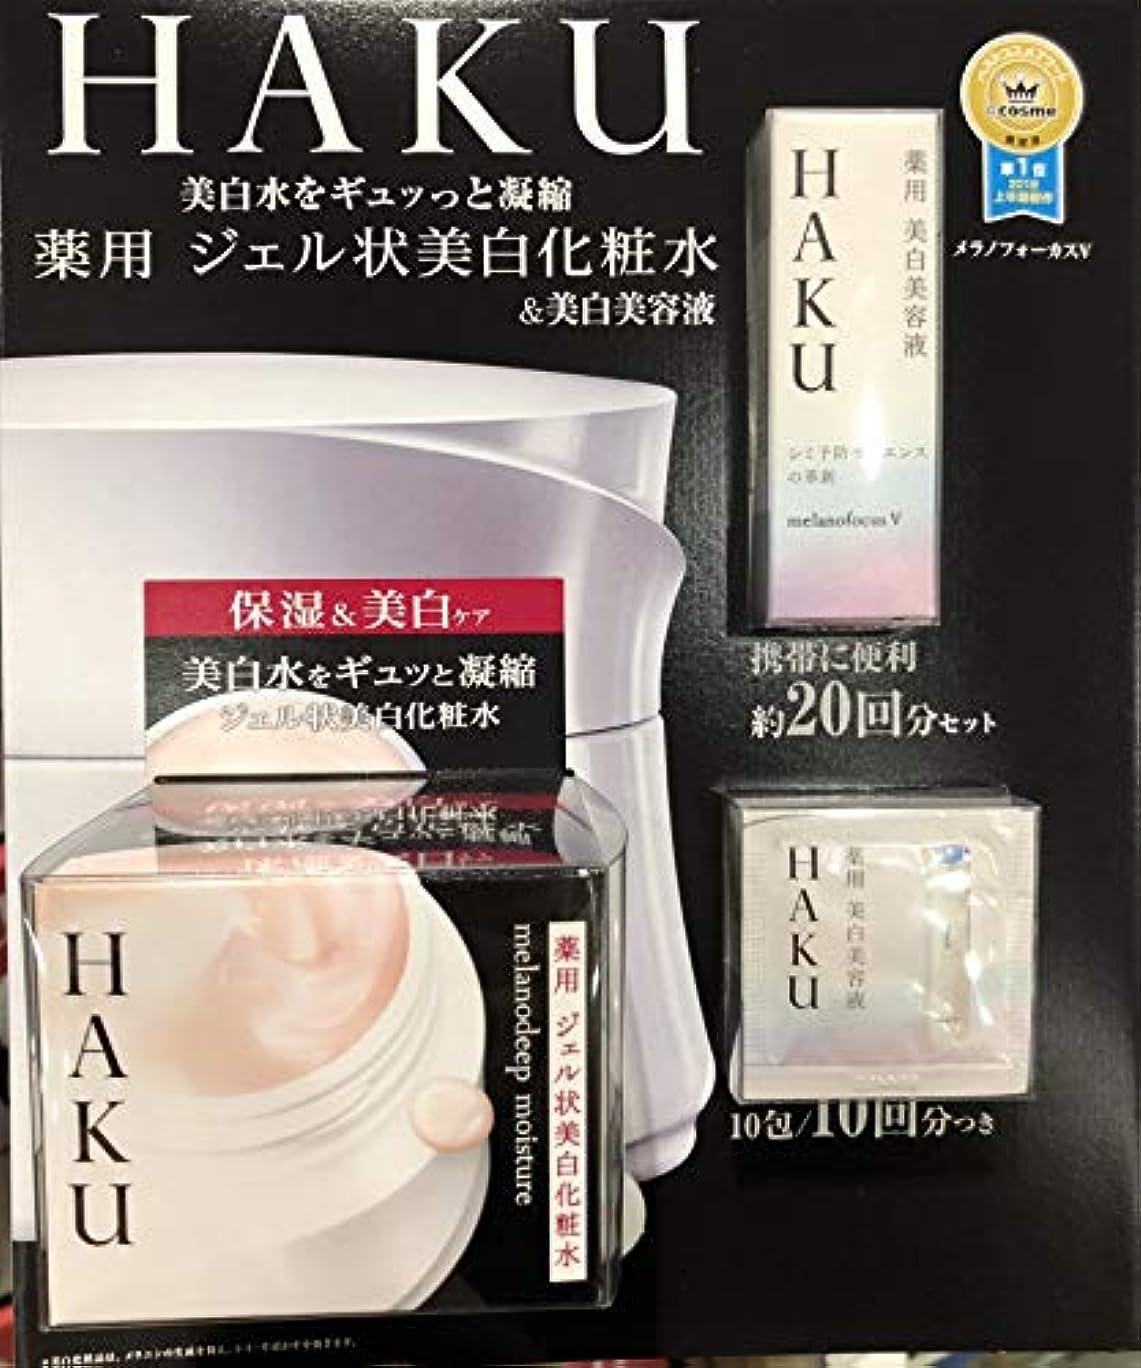 今レディむしゃむしゃ資生堂 HAKU 美白セット 薬用 ジェル状美白化粧水&薬用美白乳液セット